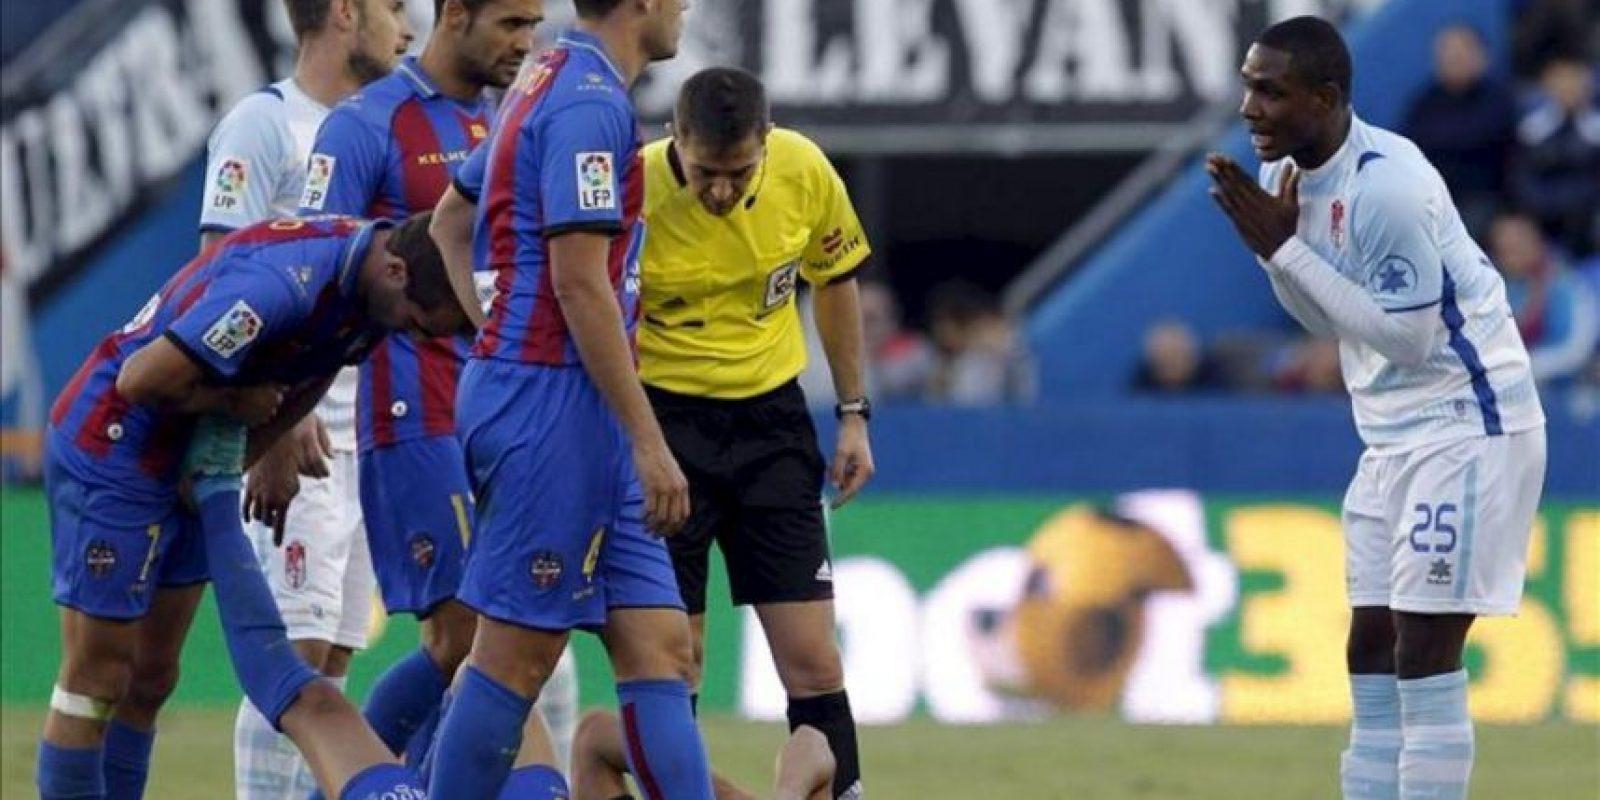 El delantero nigeriano del Granada Odion Ighalo (d) se disculpa tras una entrada sobre un jugador del Levante, durante el partido correspondiente a la novena jornada de la Liga de Primera División disputado en el estadio Ciutat de València. EFE